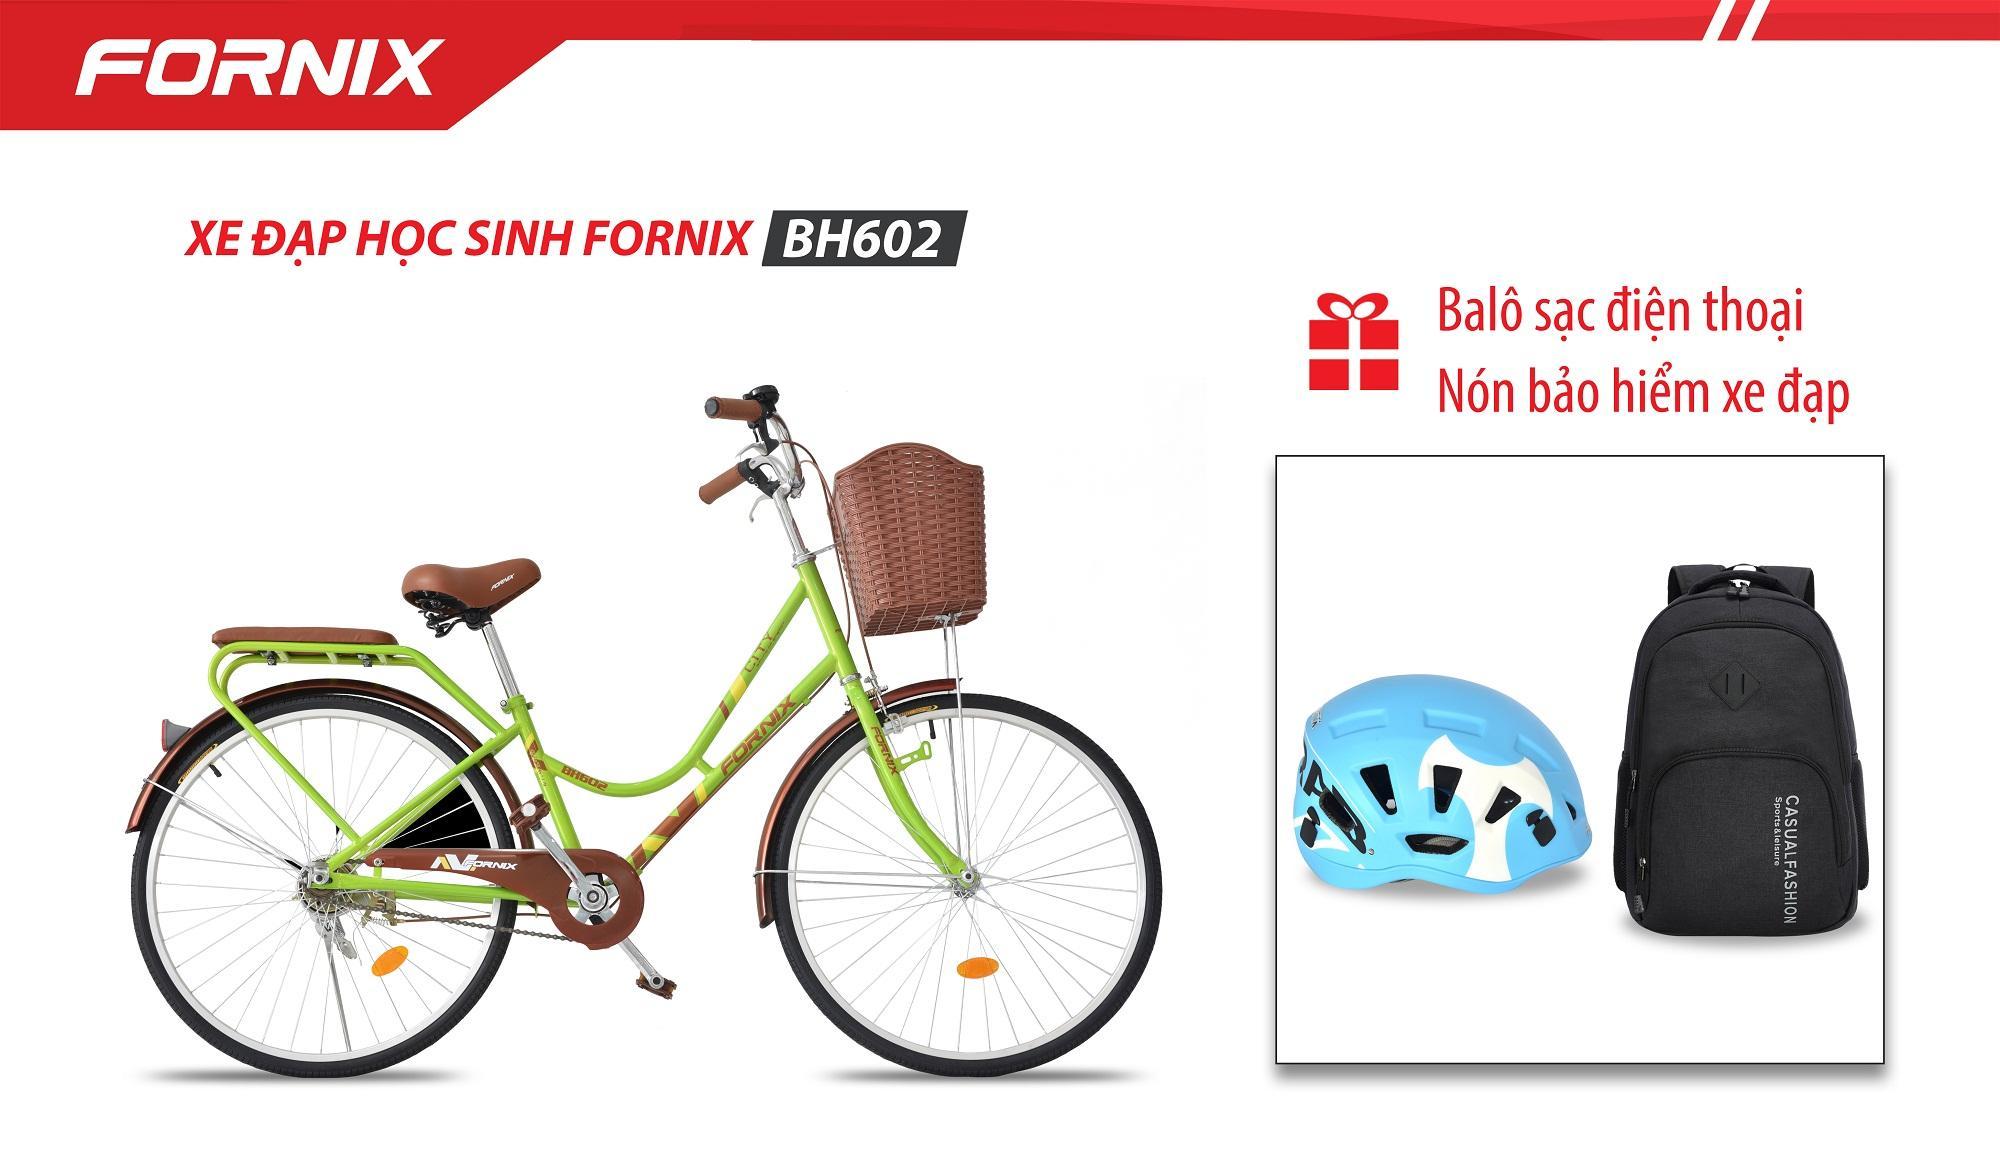 Mua Xe đạp phổ thông Fornix BH602 + (Gift) Nón BH A02A5L, Ba lô sạc điện thoại